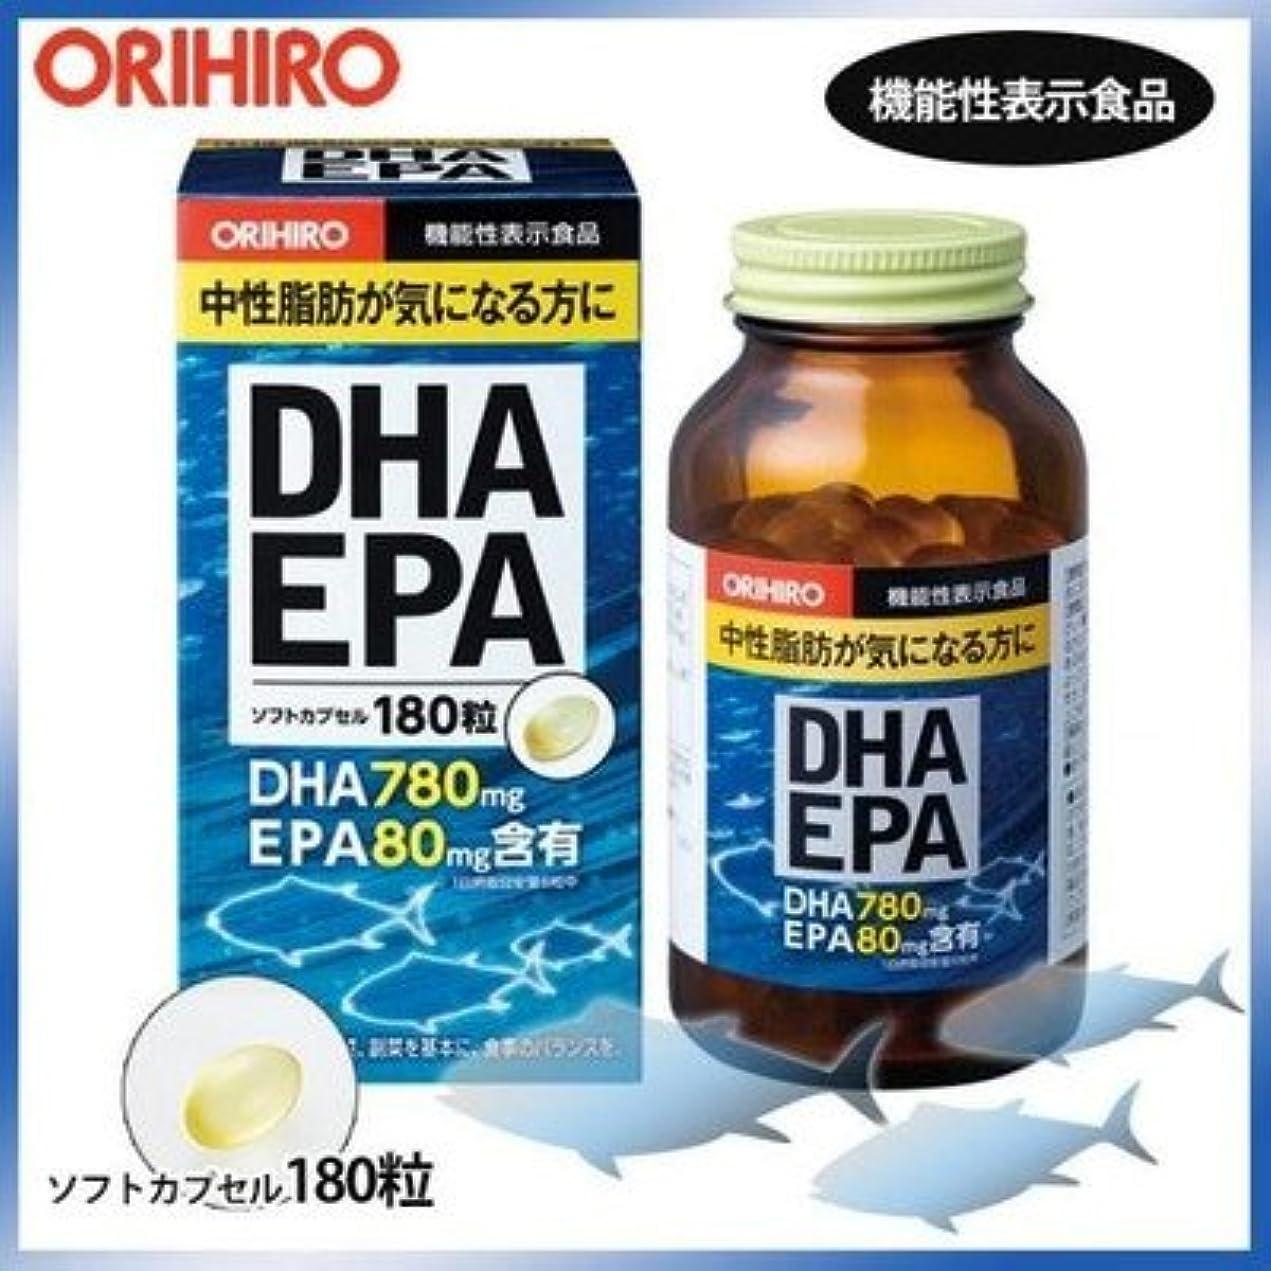 届ける彼自身オリヒロ 機能性表示食品 DHA&EPA ソフトカプセル 180粒(1粒511mg/内容液357mg) 60208210